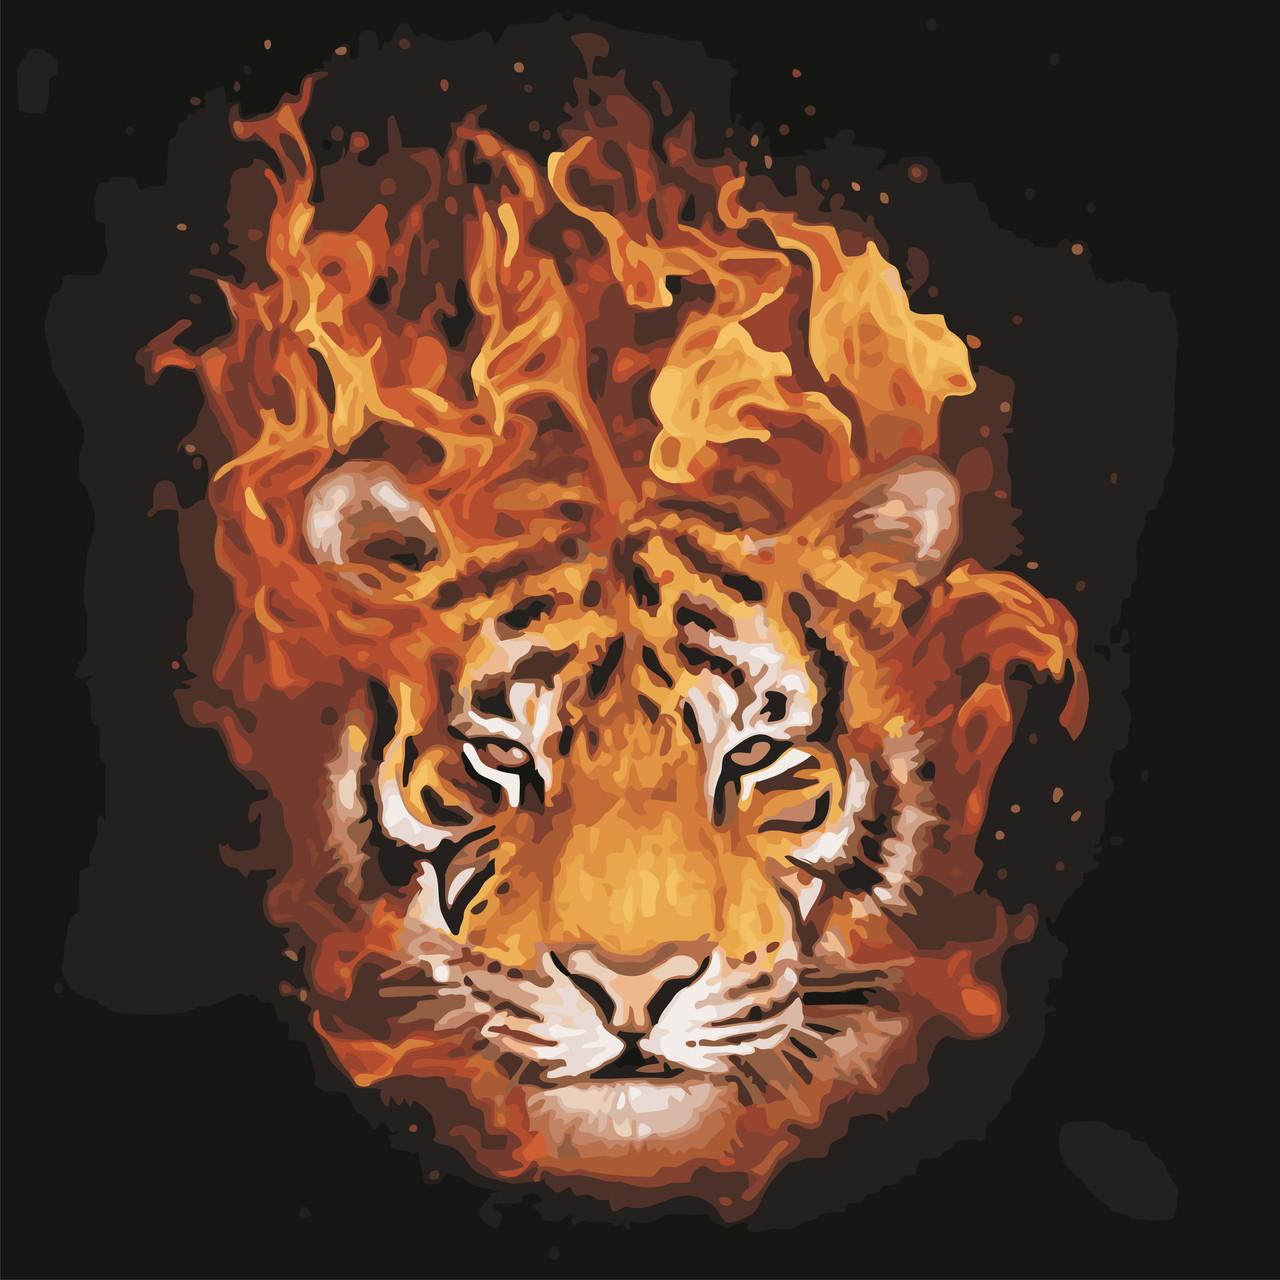 Живопись по номерам Тигр в огне ArtStory AS0604 40 х 40 см (без коробки)